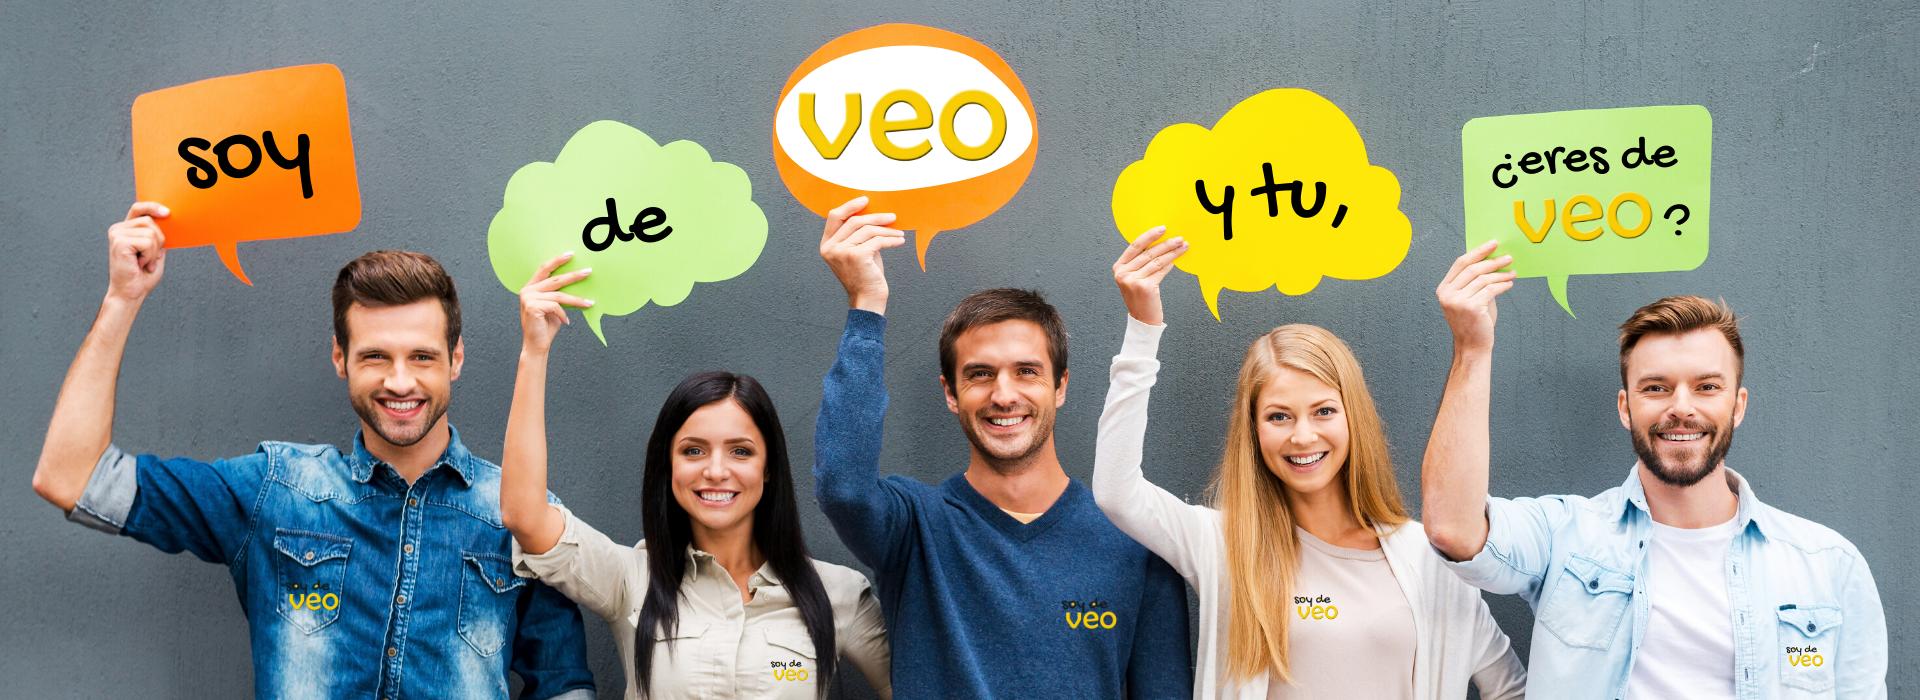 agencia de vídeo marketing